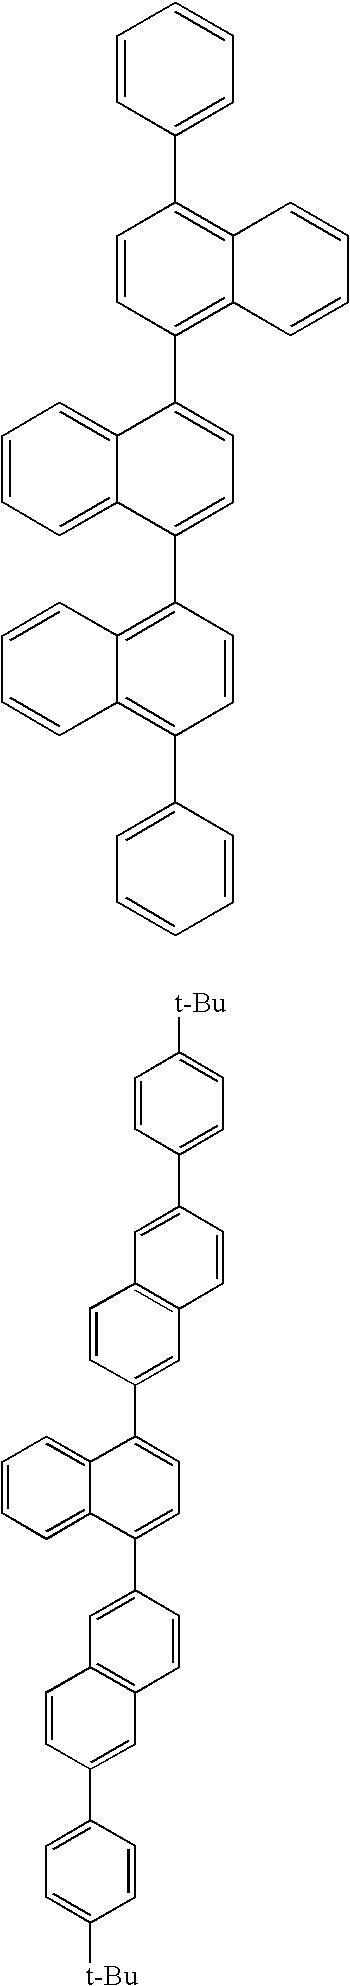 Figure US20100171109A1-20100708-C00081